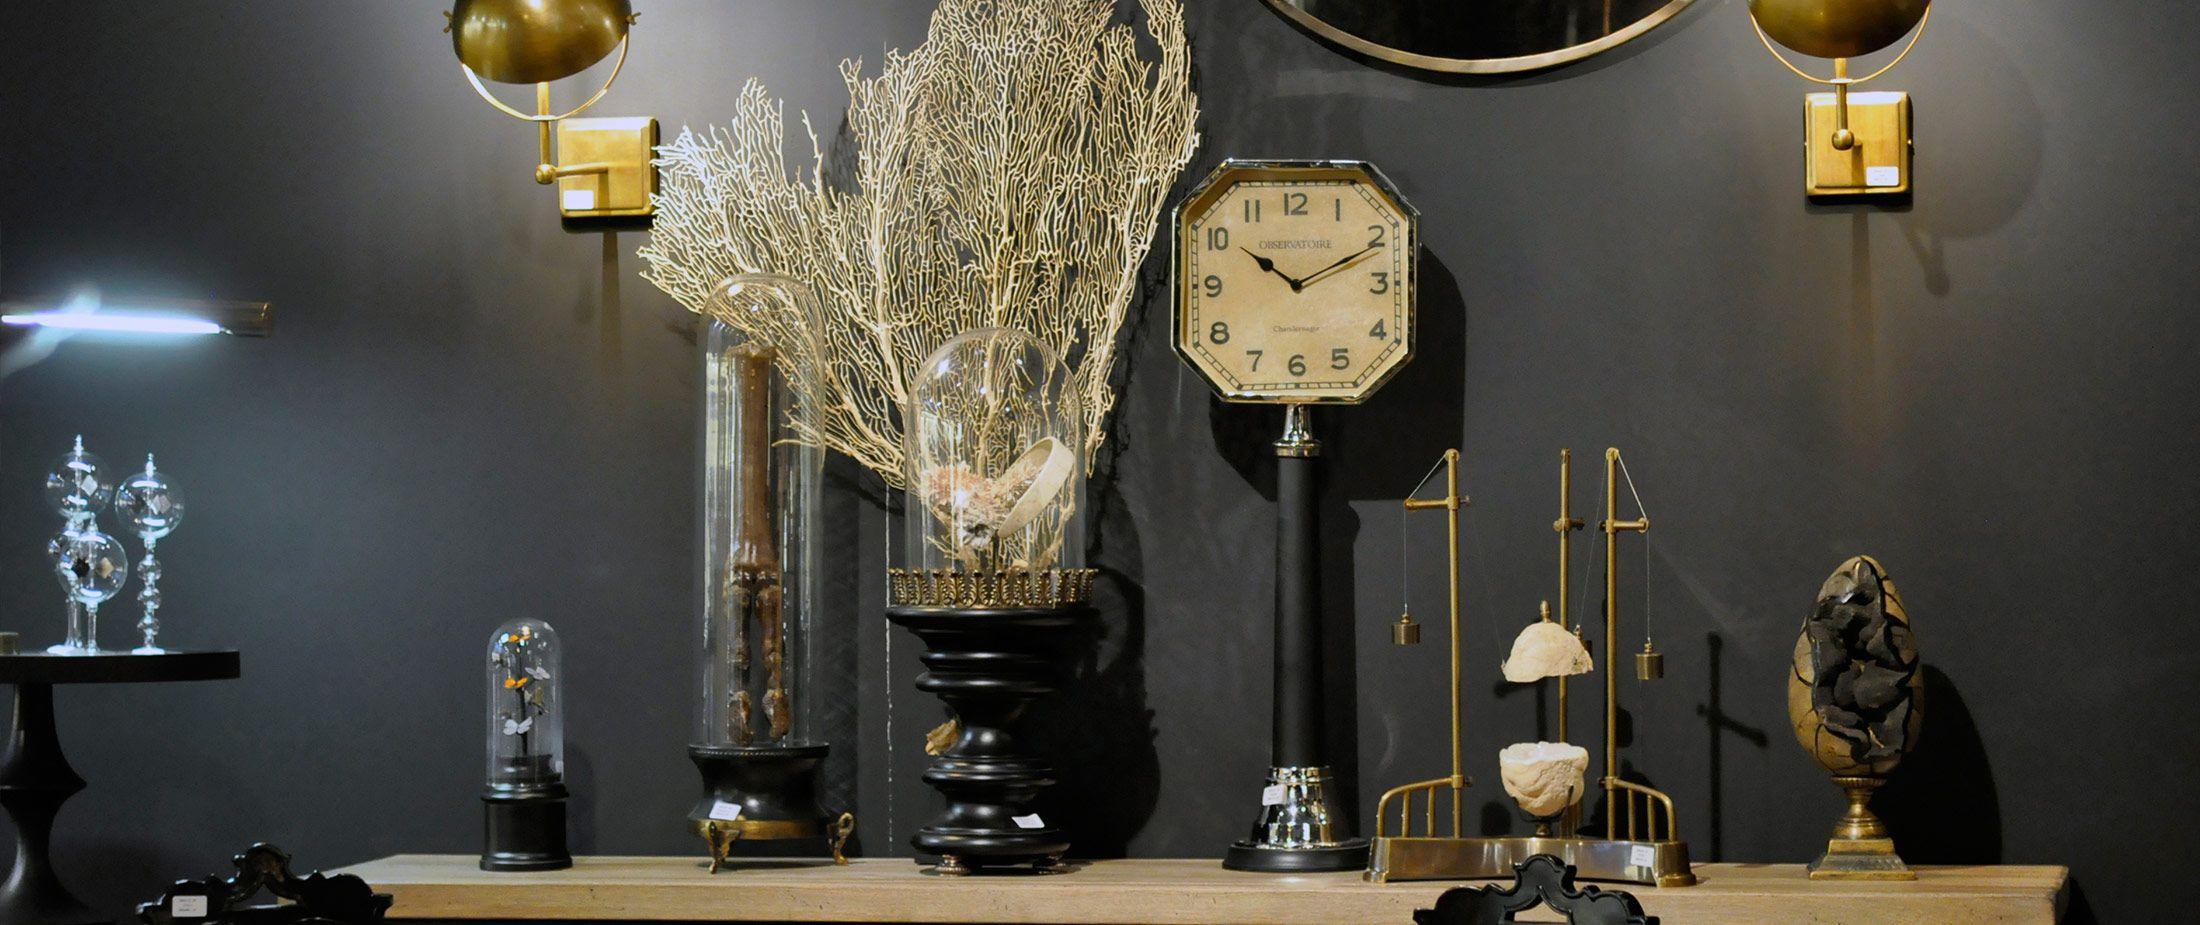 objet de curiosit collections vignettes pinterest objet de curiosit curiosit s et objet. Black Bedroom Furniture Sets. Home Design Ideas